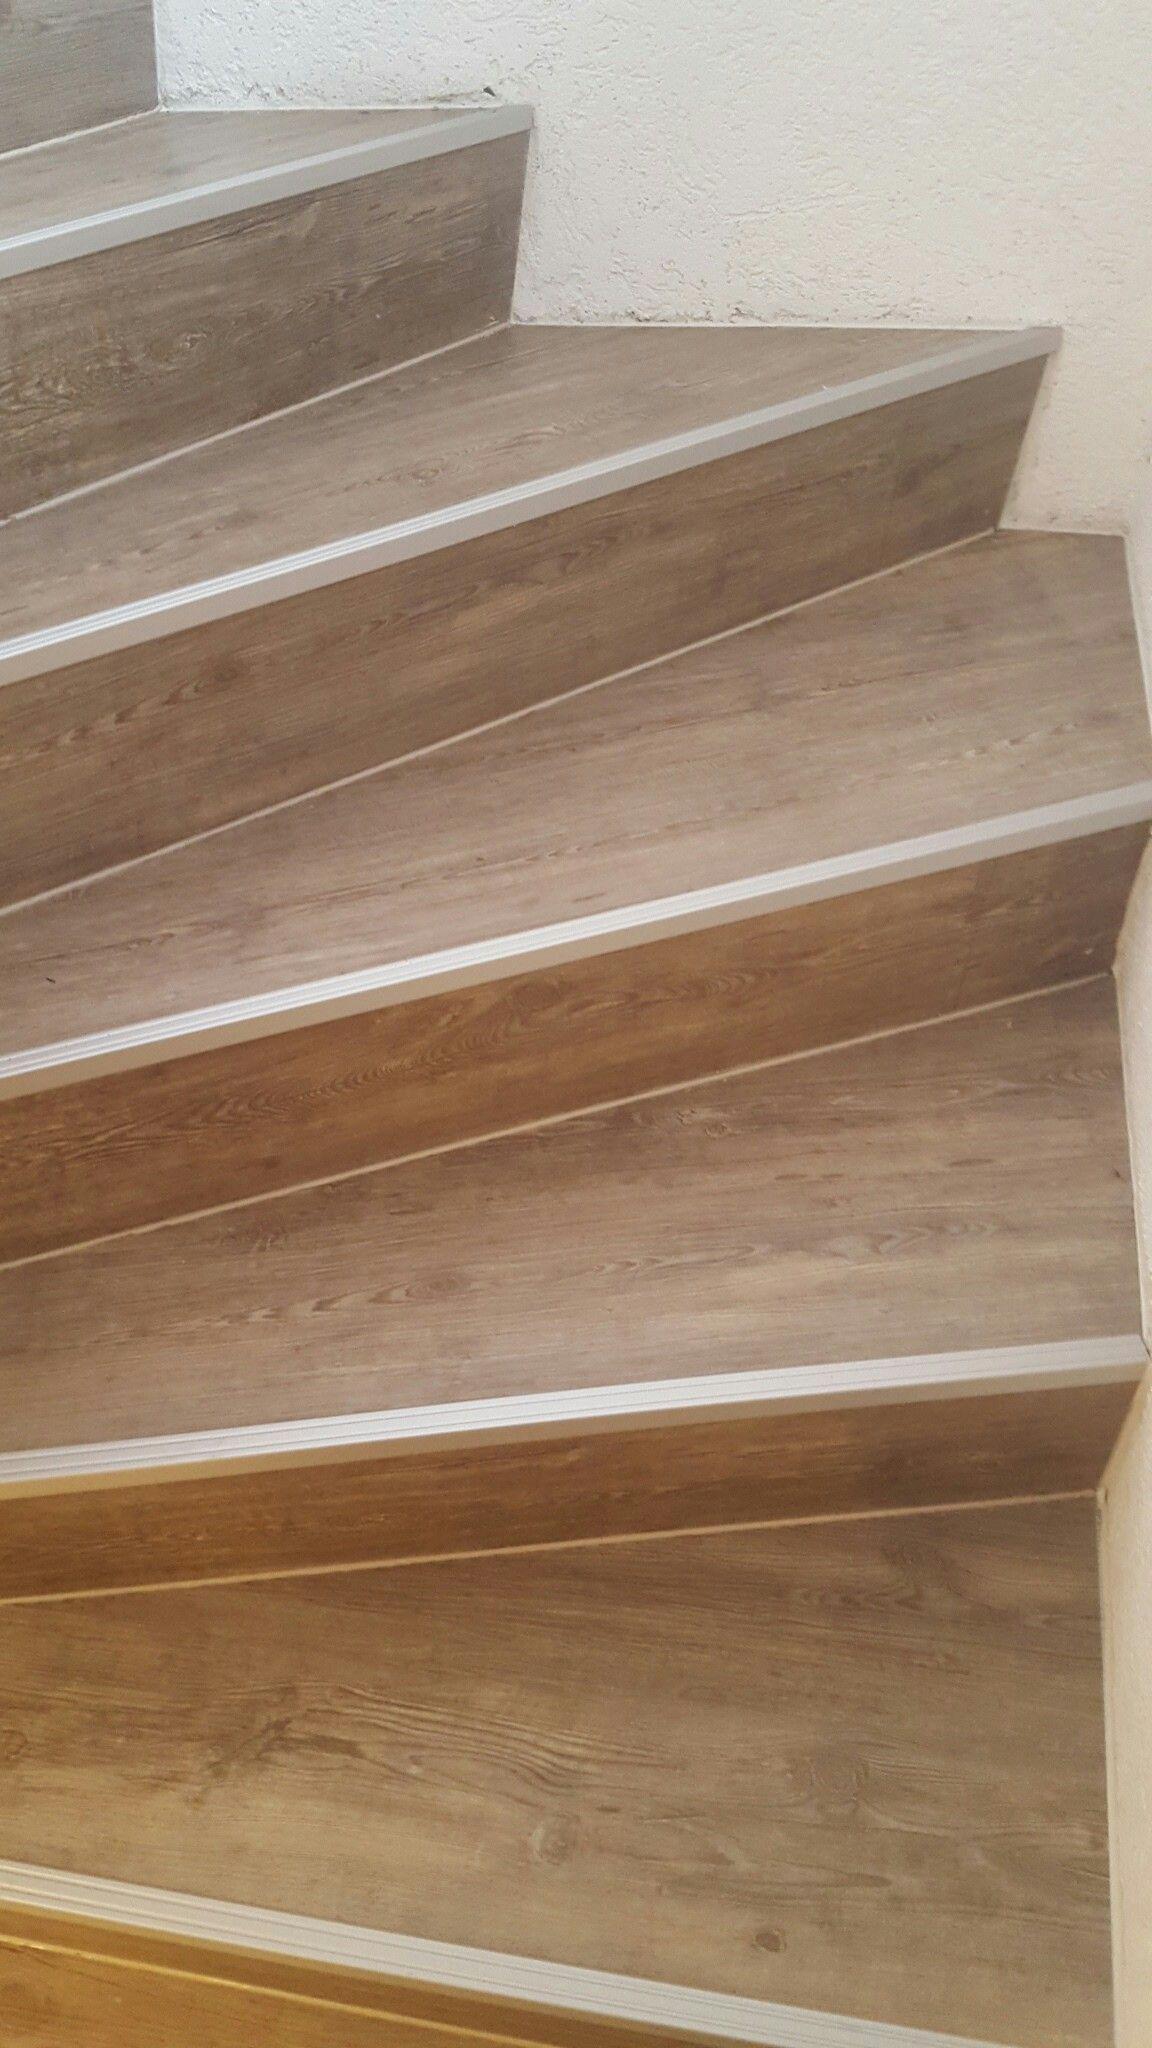 nachher (mit laminat belegt) | treppe sanieren mit laminat | pinterest